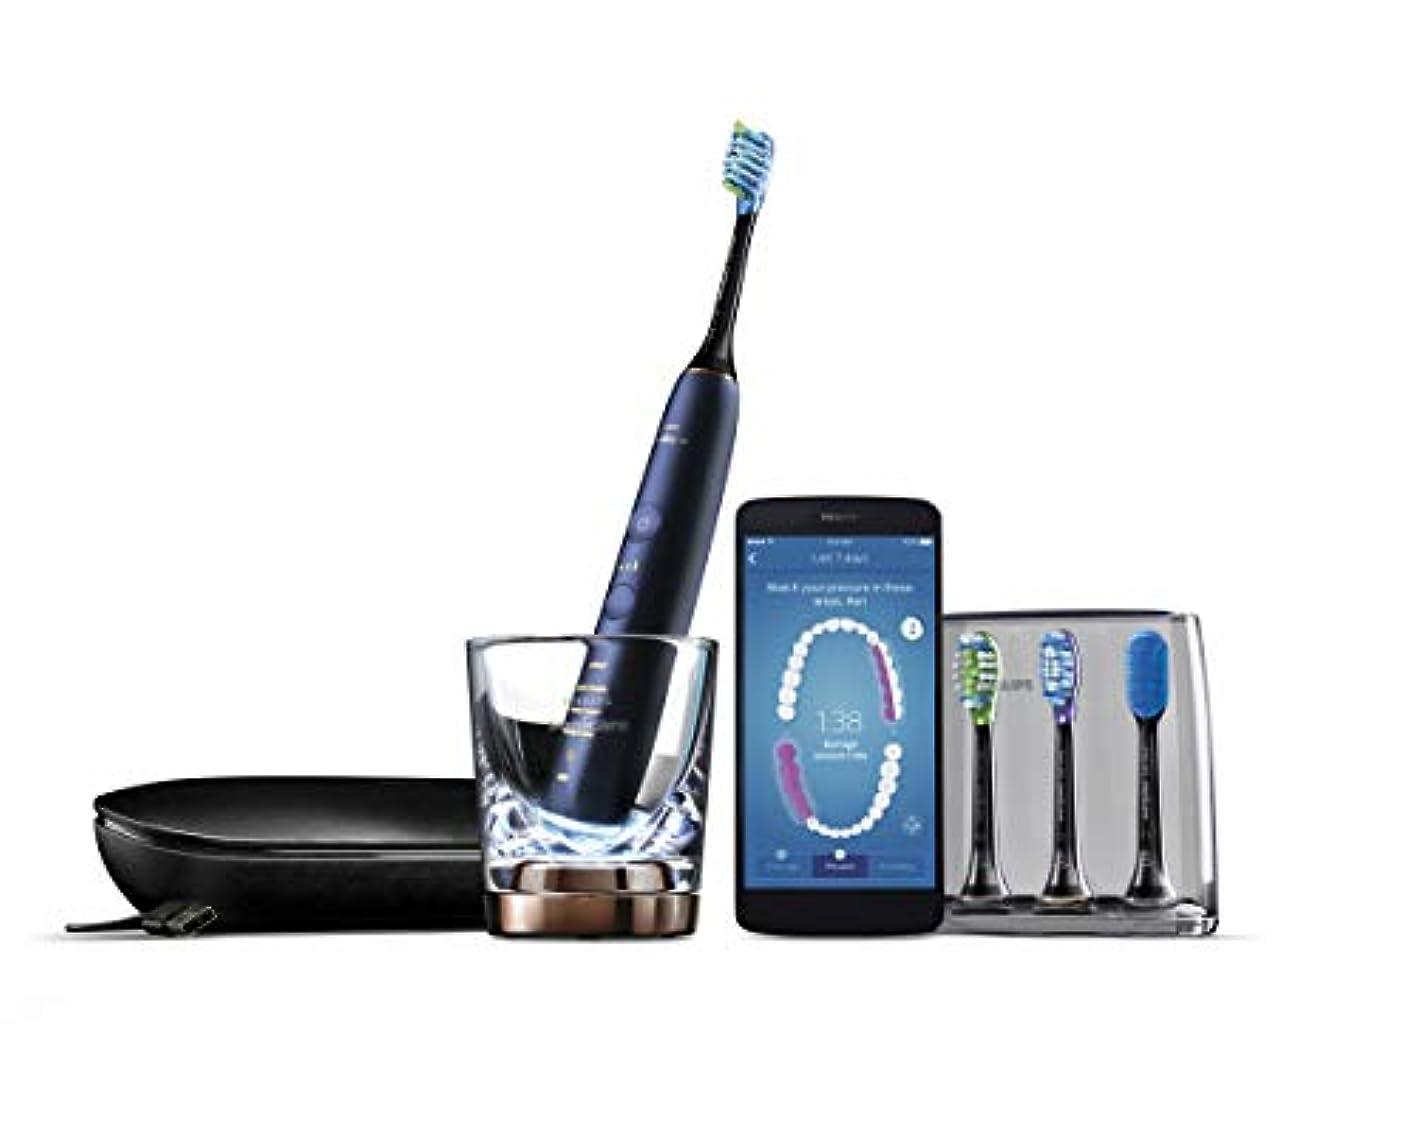 四回誇り自信があるフィリップス ソニッケアー ダイヤモンドクリーン スマート 電動歯ブラシ ルナーブルー HX9964/55